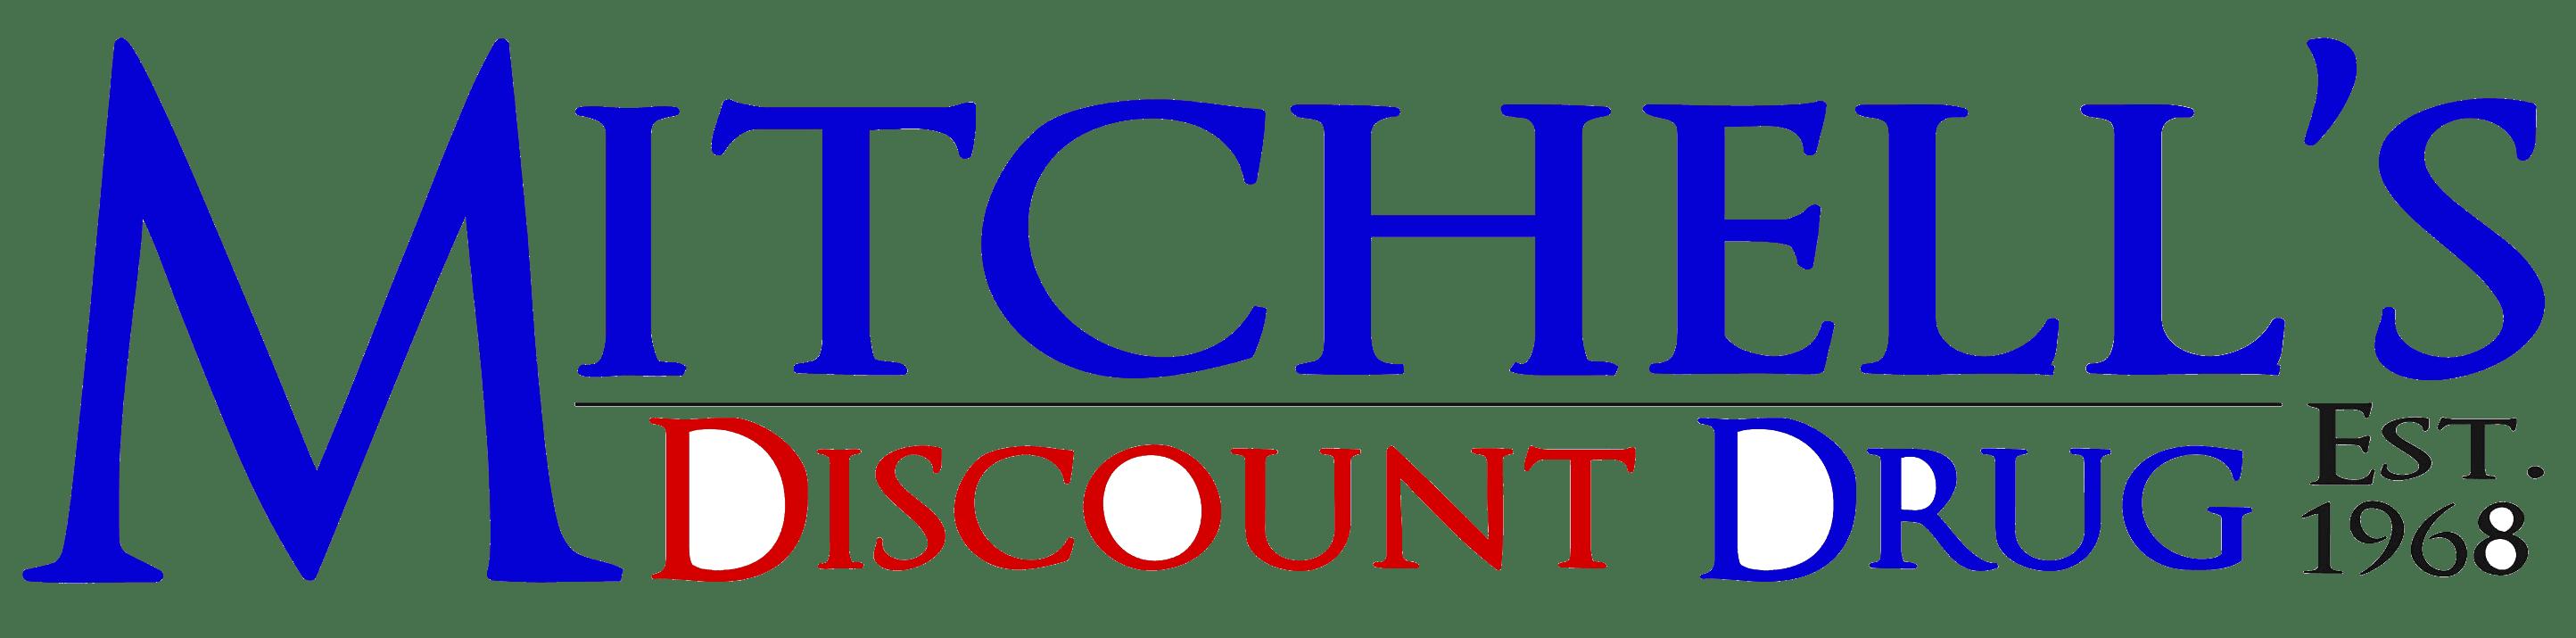 Mitchell's Discount Drug